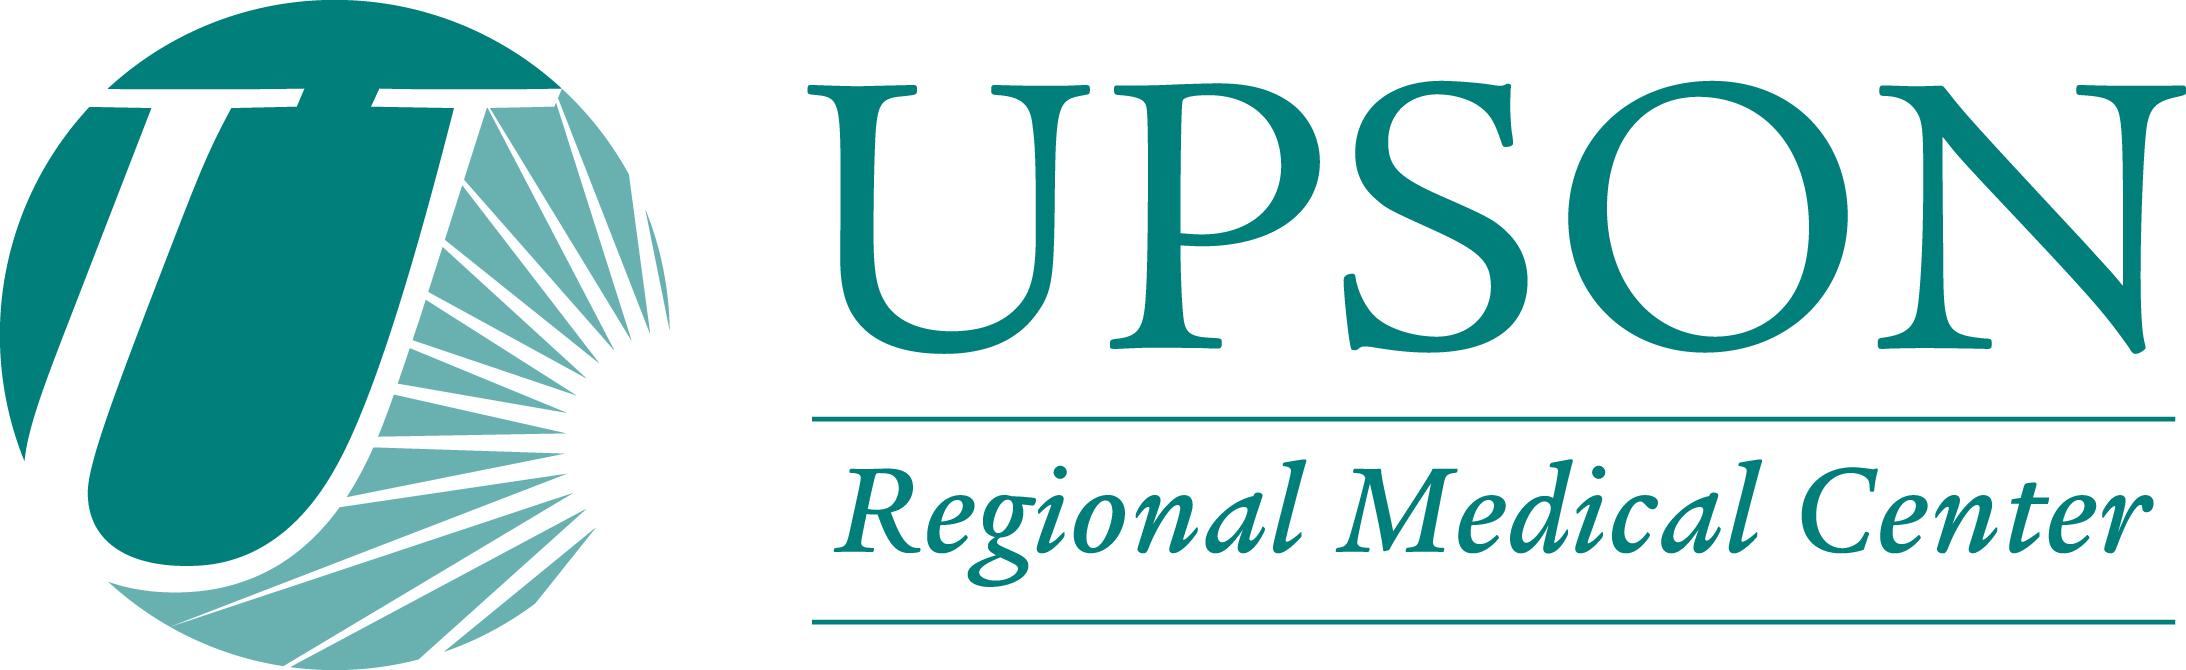 URMC-logo.jpg